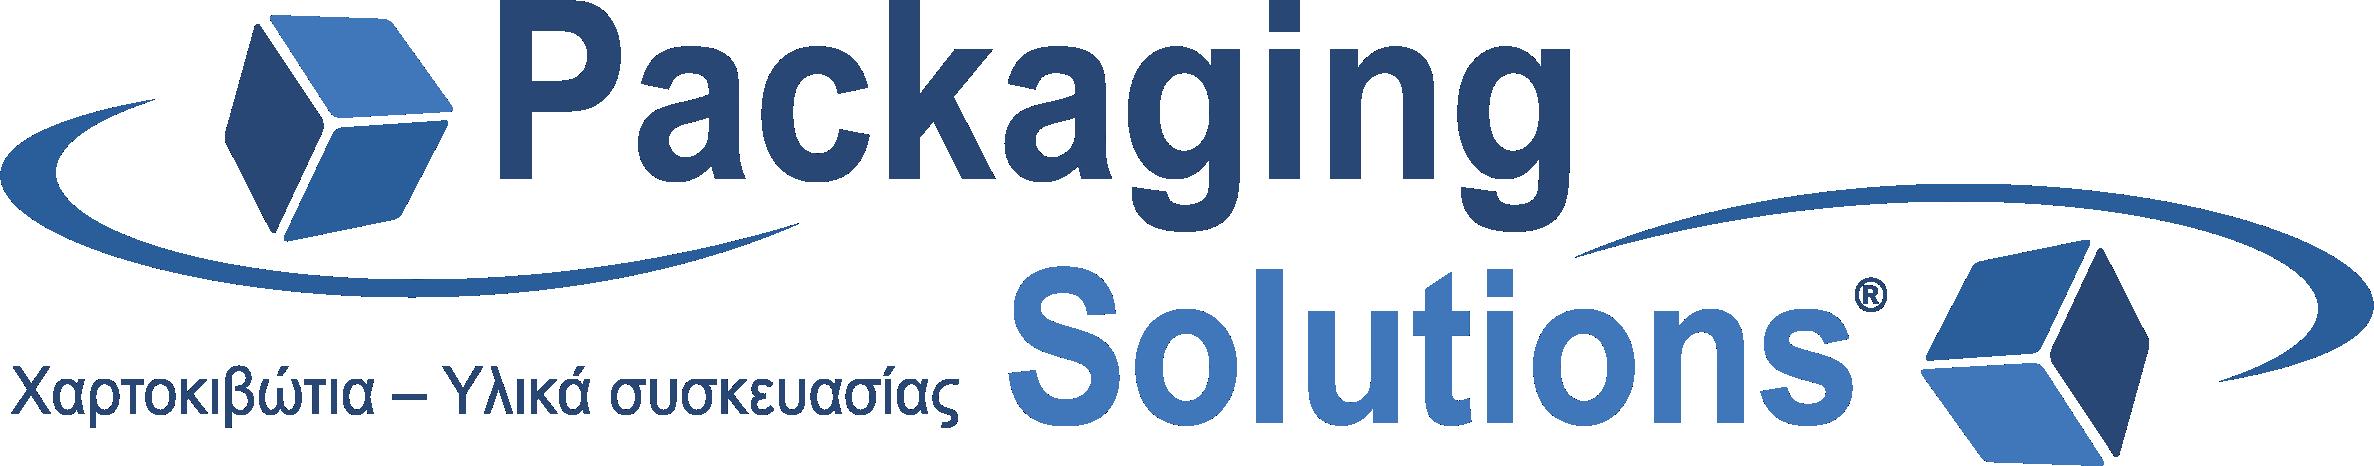 Χαρτοκιβώτια Packaging Solutions